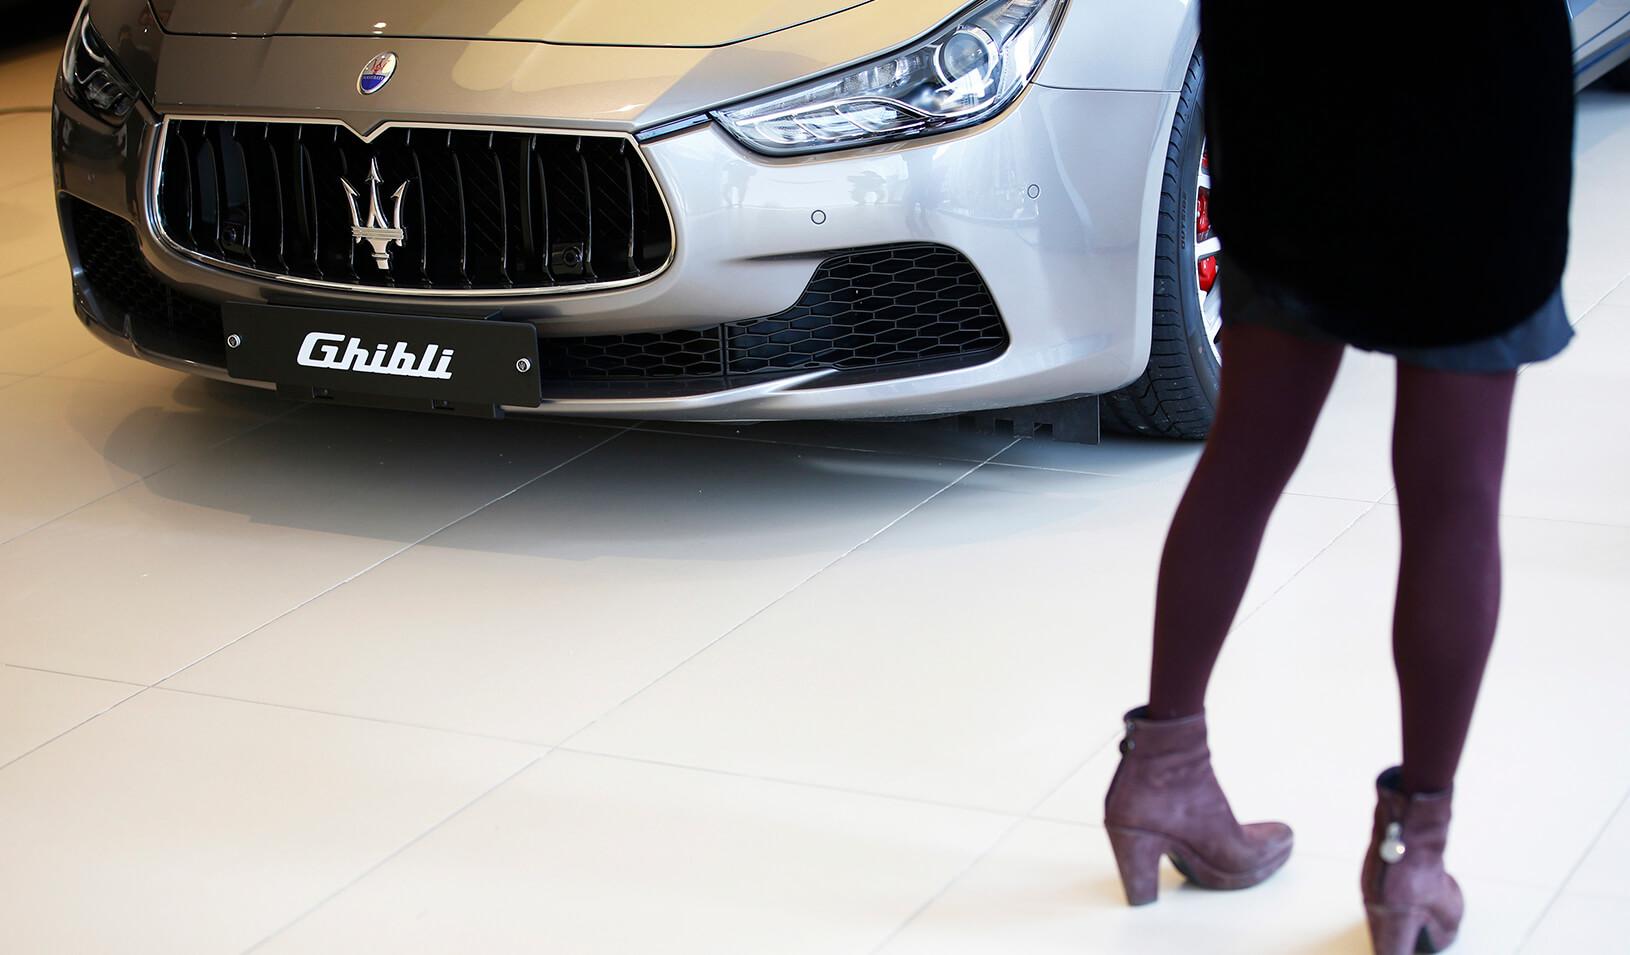 Za_pracu_opatrovatelky_ponukaju_129_000_a_pristup_k_rodinnemu_Maserati